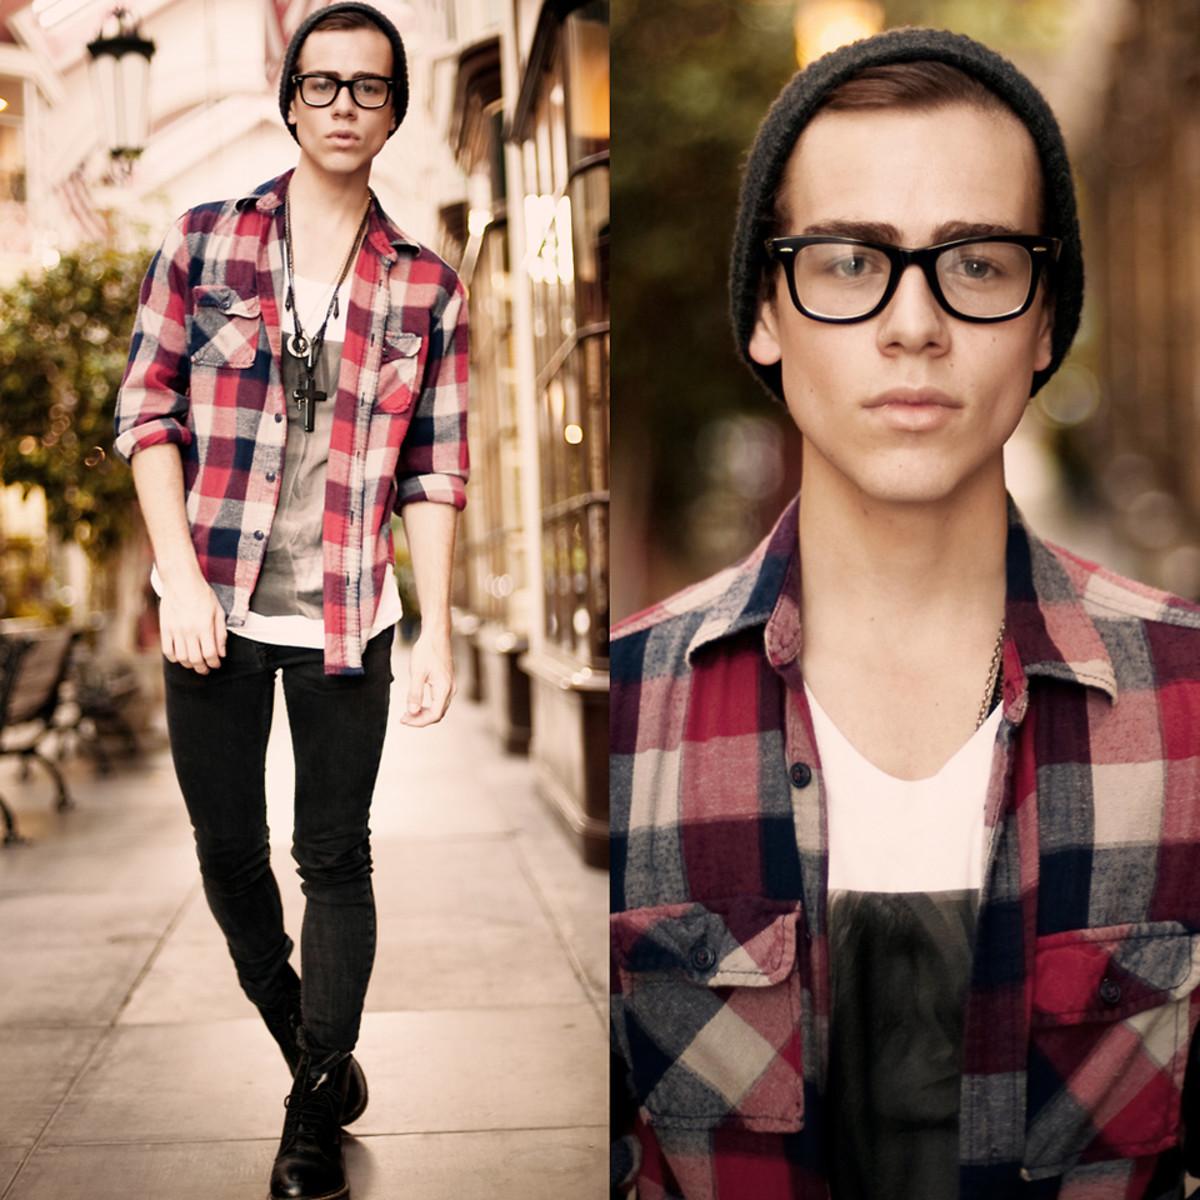 Hipster pastor attire